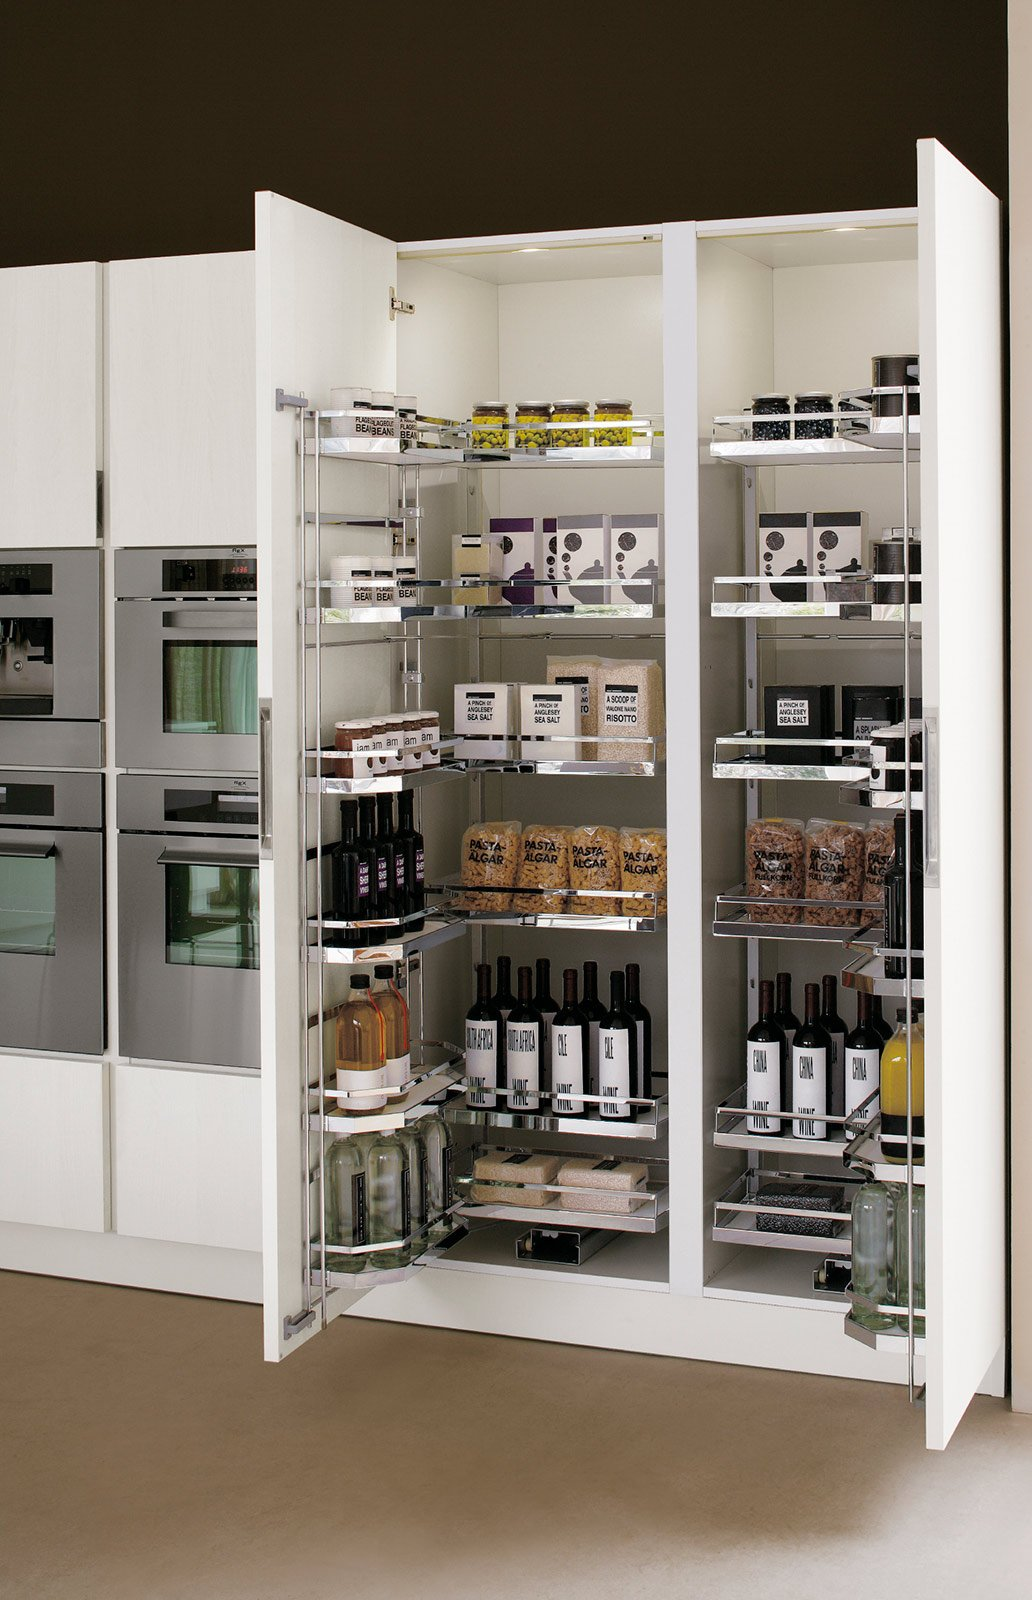 Mobili Soggiorno Ikea Prezzi: Ikea catalogo tante idee per ...